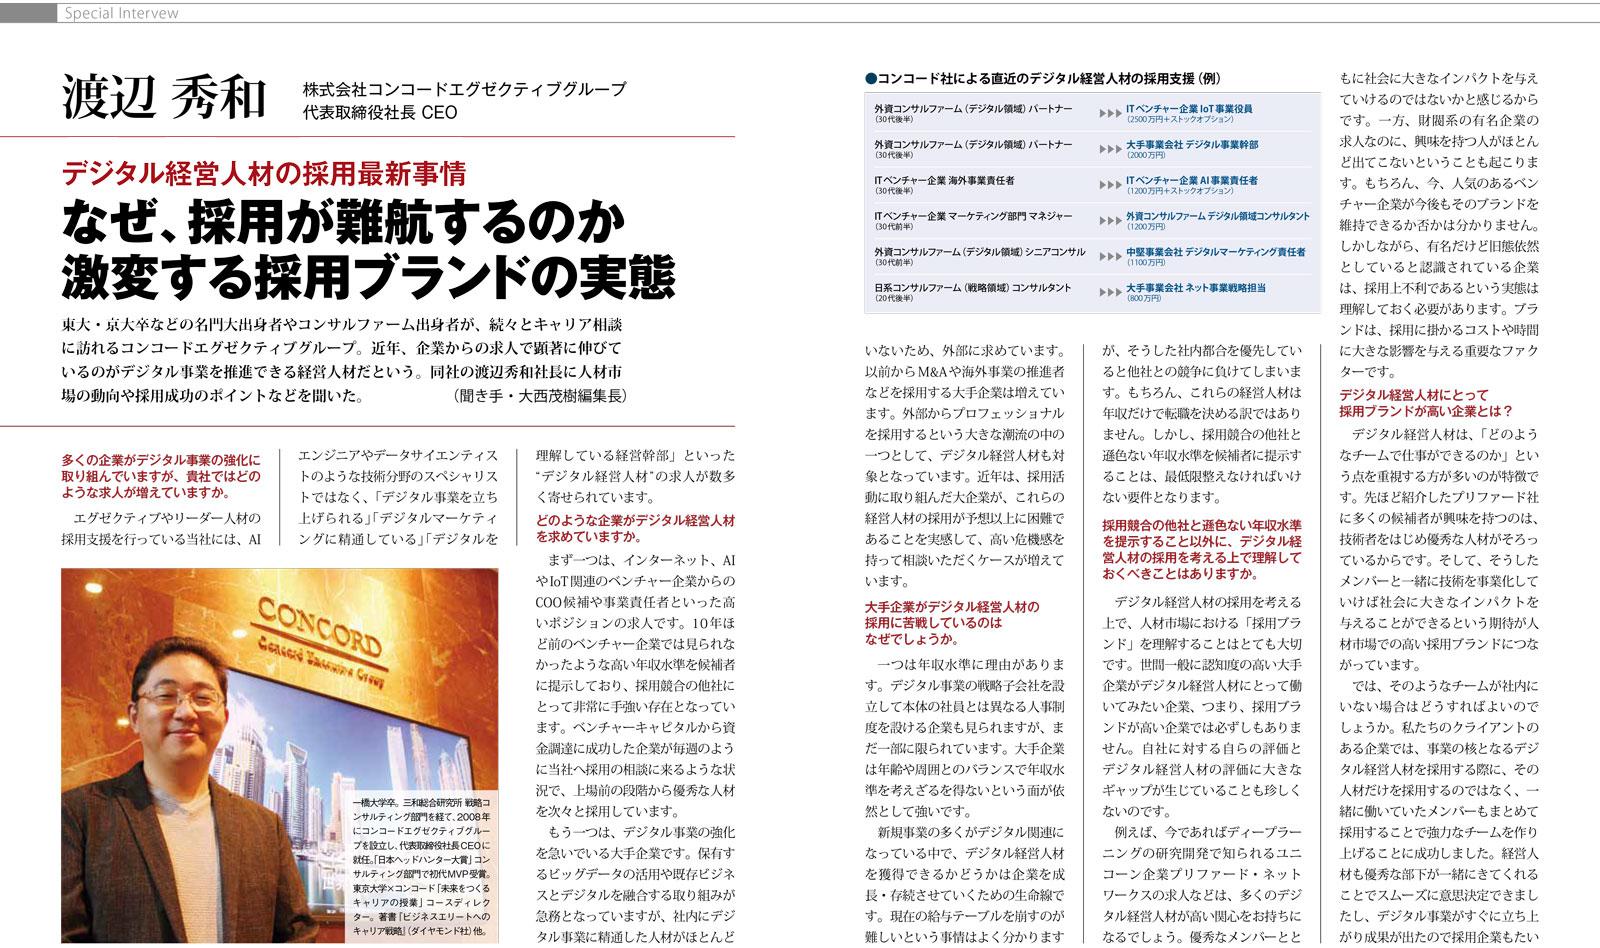 材業界専門誌「日本人材ニュース(HRN)」vol.312 (2019/04/30発行)「【デジタル経営人材の採用最新事情】なぜ、採用が難航するのか 激変する採用ブランドの実態」